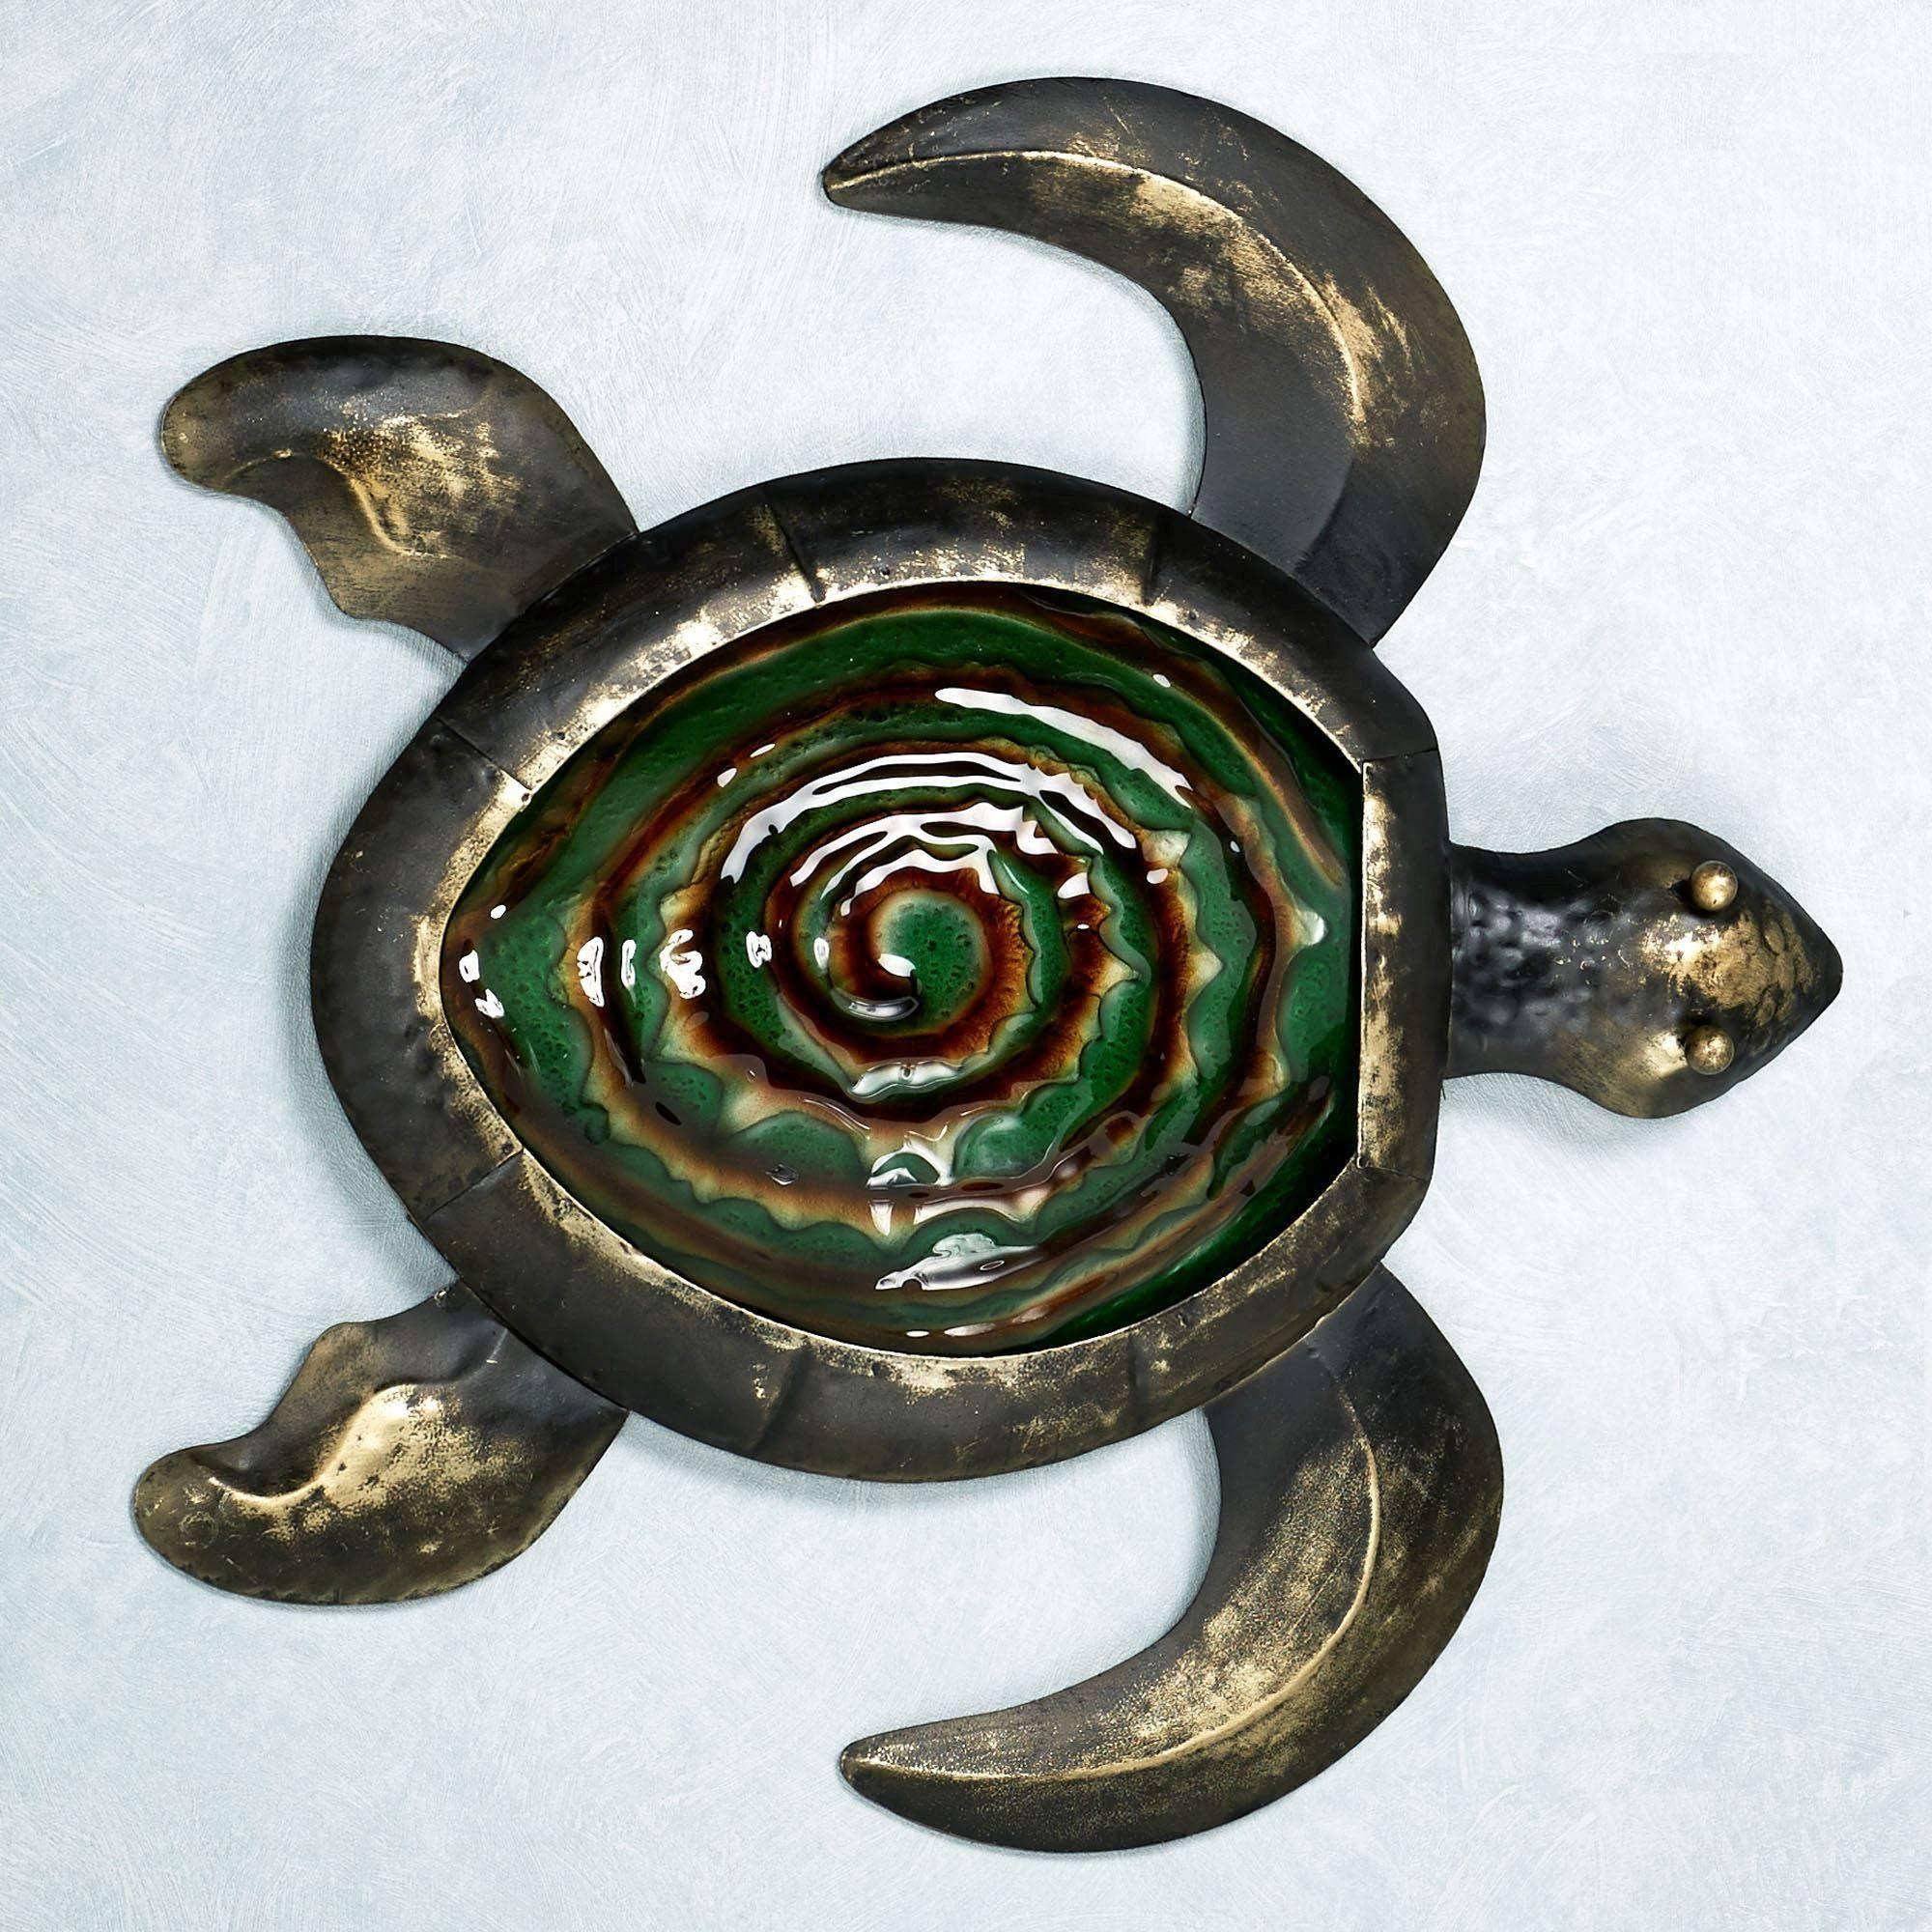 Sealife Indoor Outdoor Glass Metal Wall Art In Most Recent Turtle Metal Wall Art (View 8 of 20)